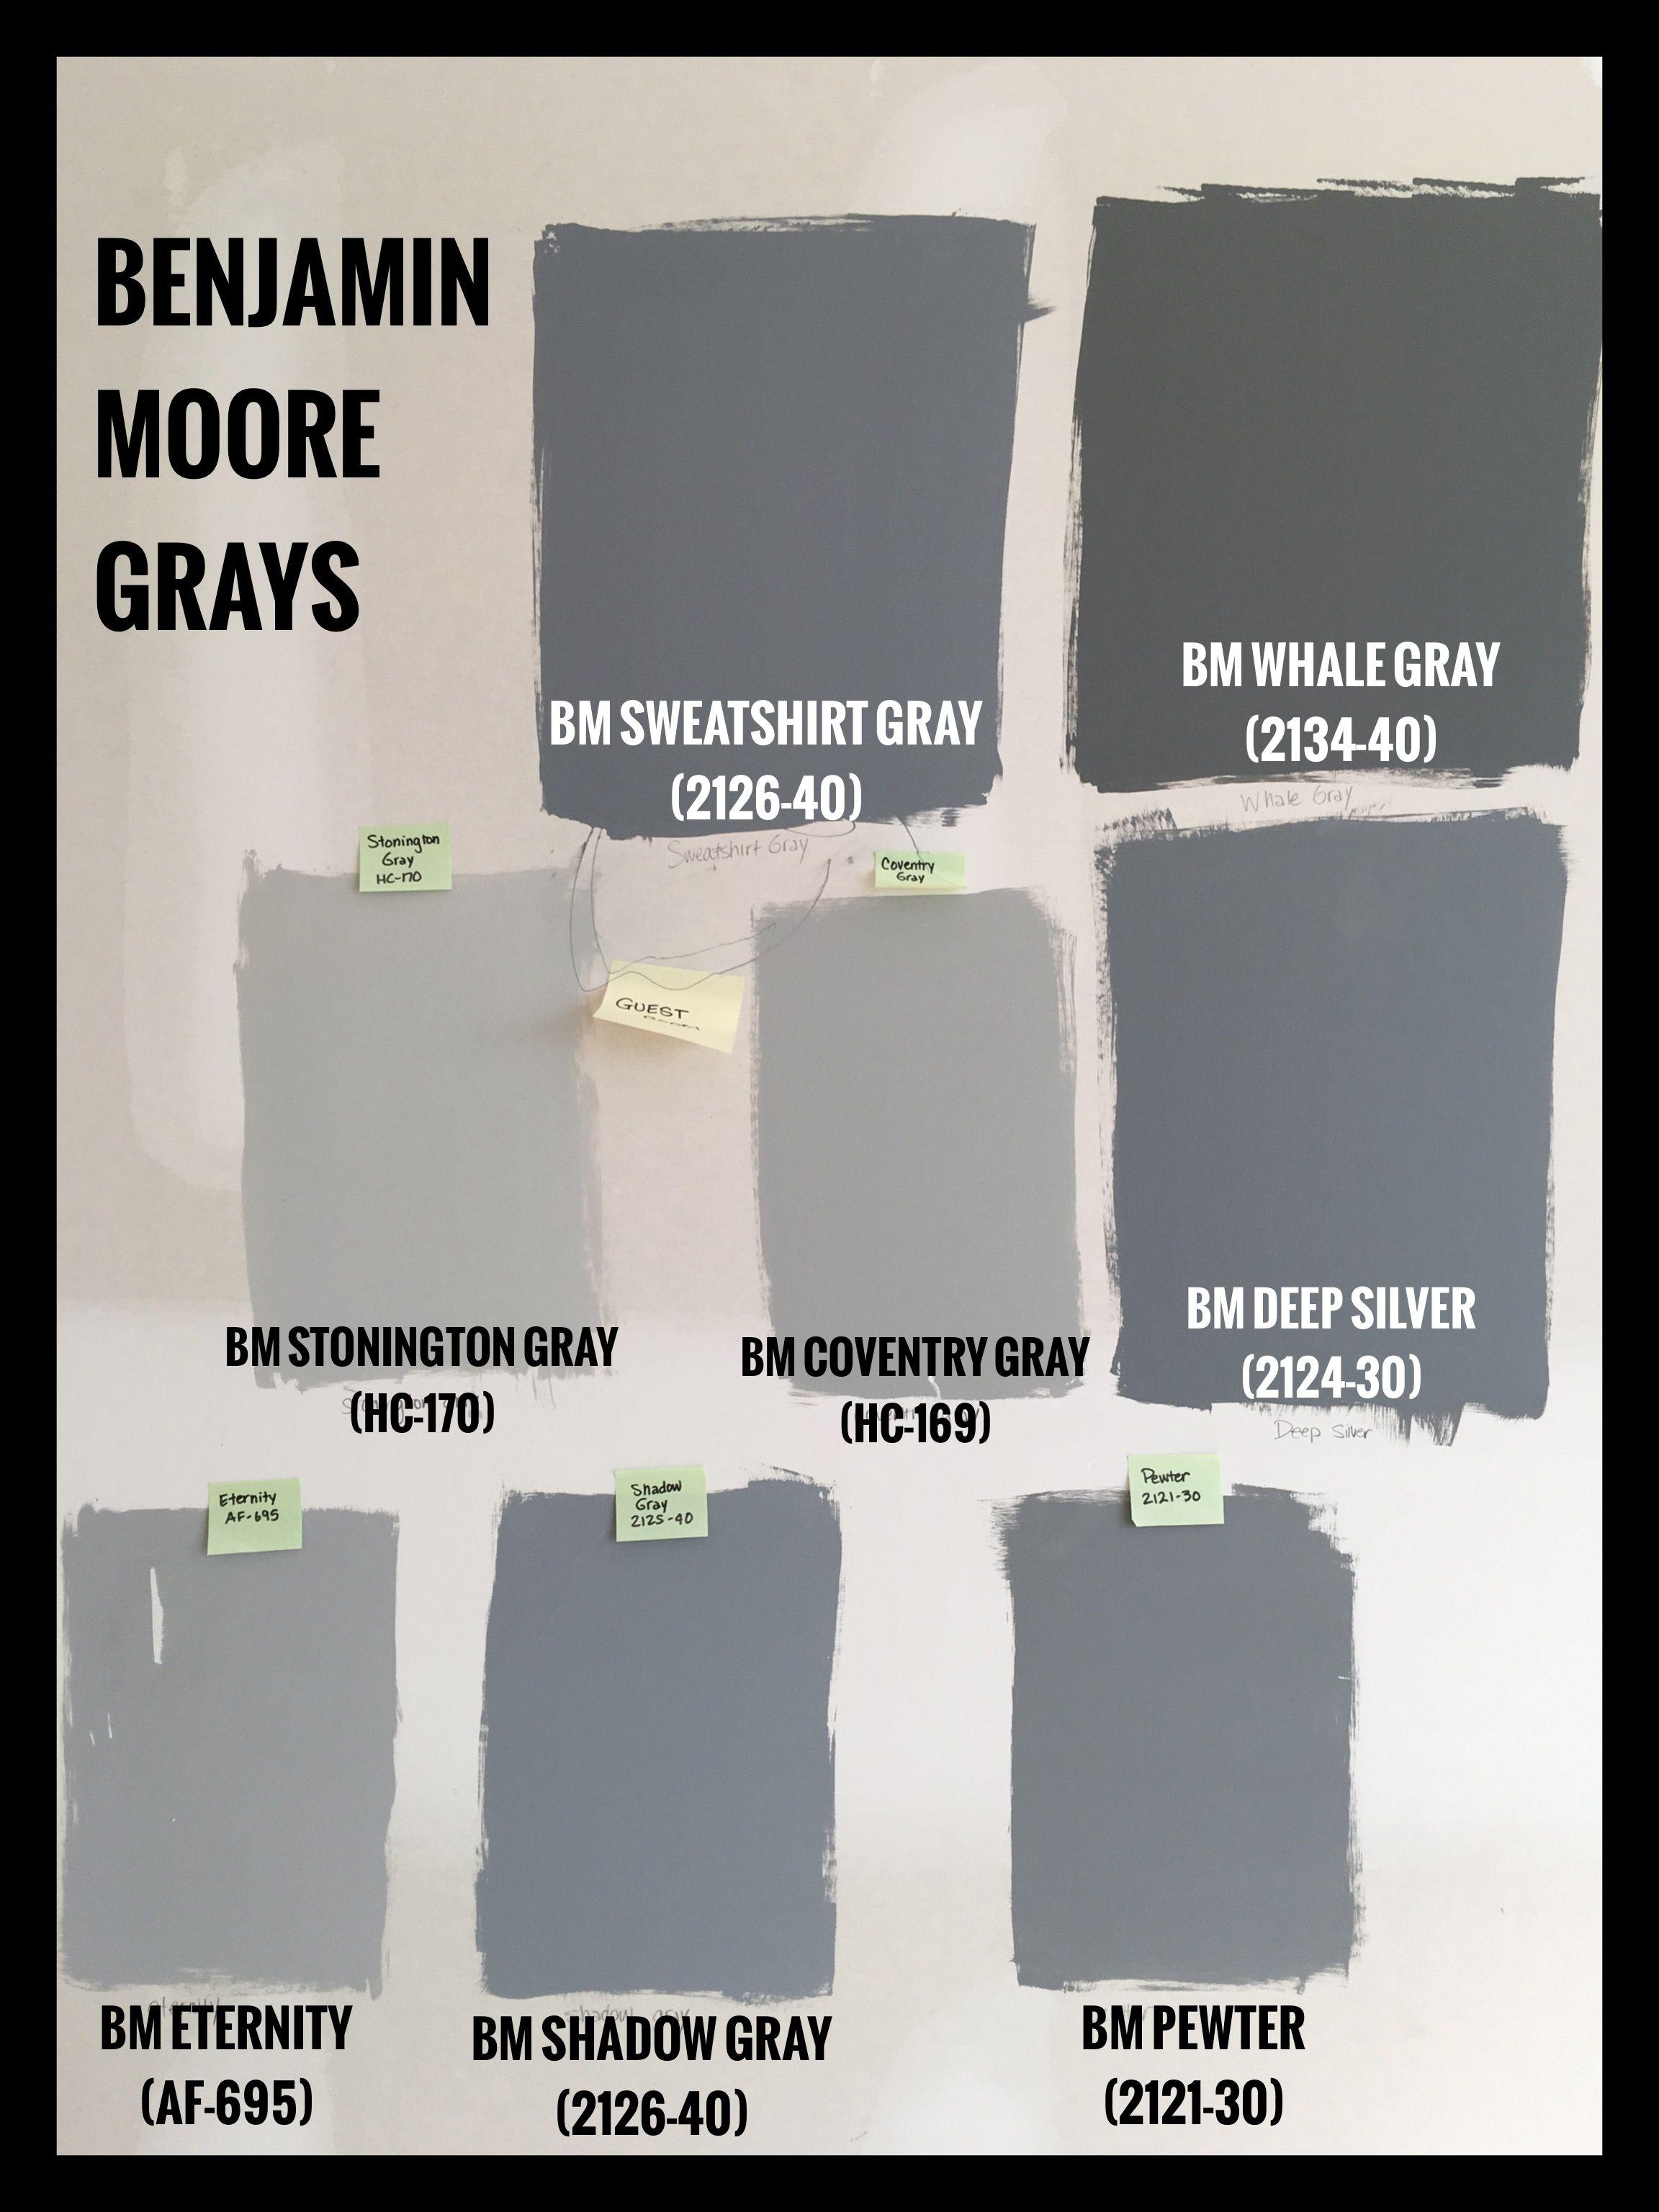 Benjamin Moore Gray Paint Swatches Bm Sweatshirt Gray 2125 40